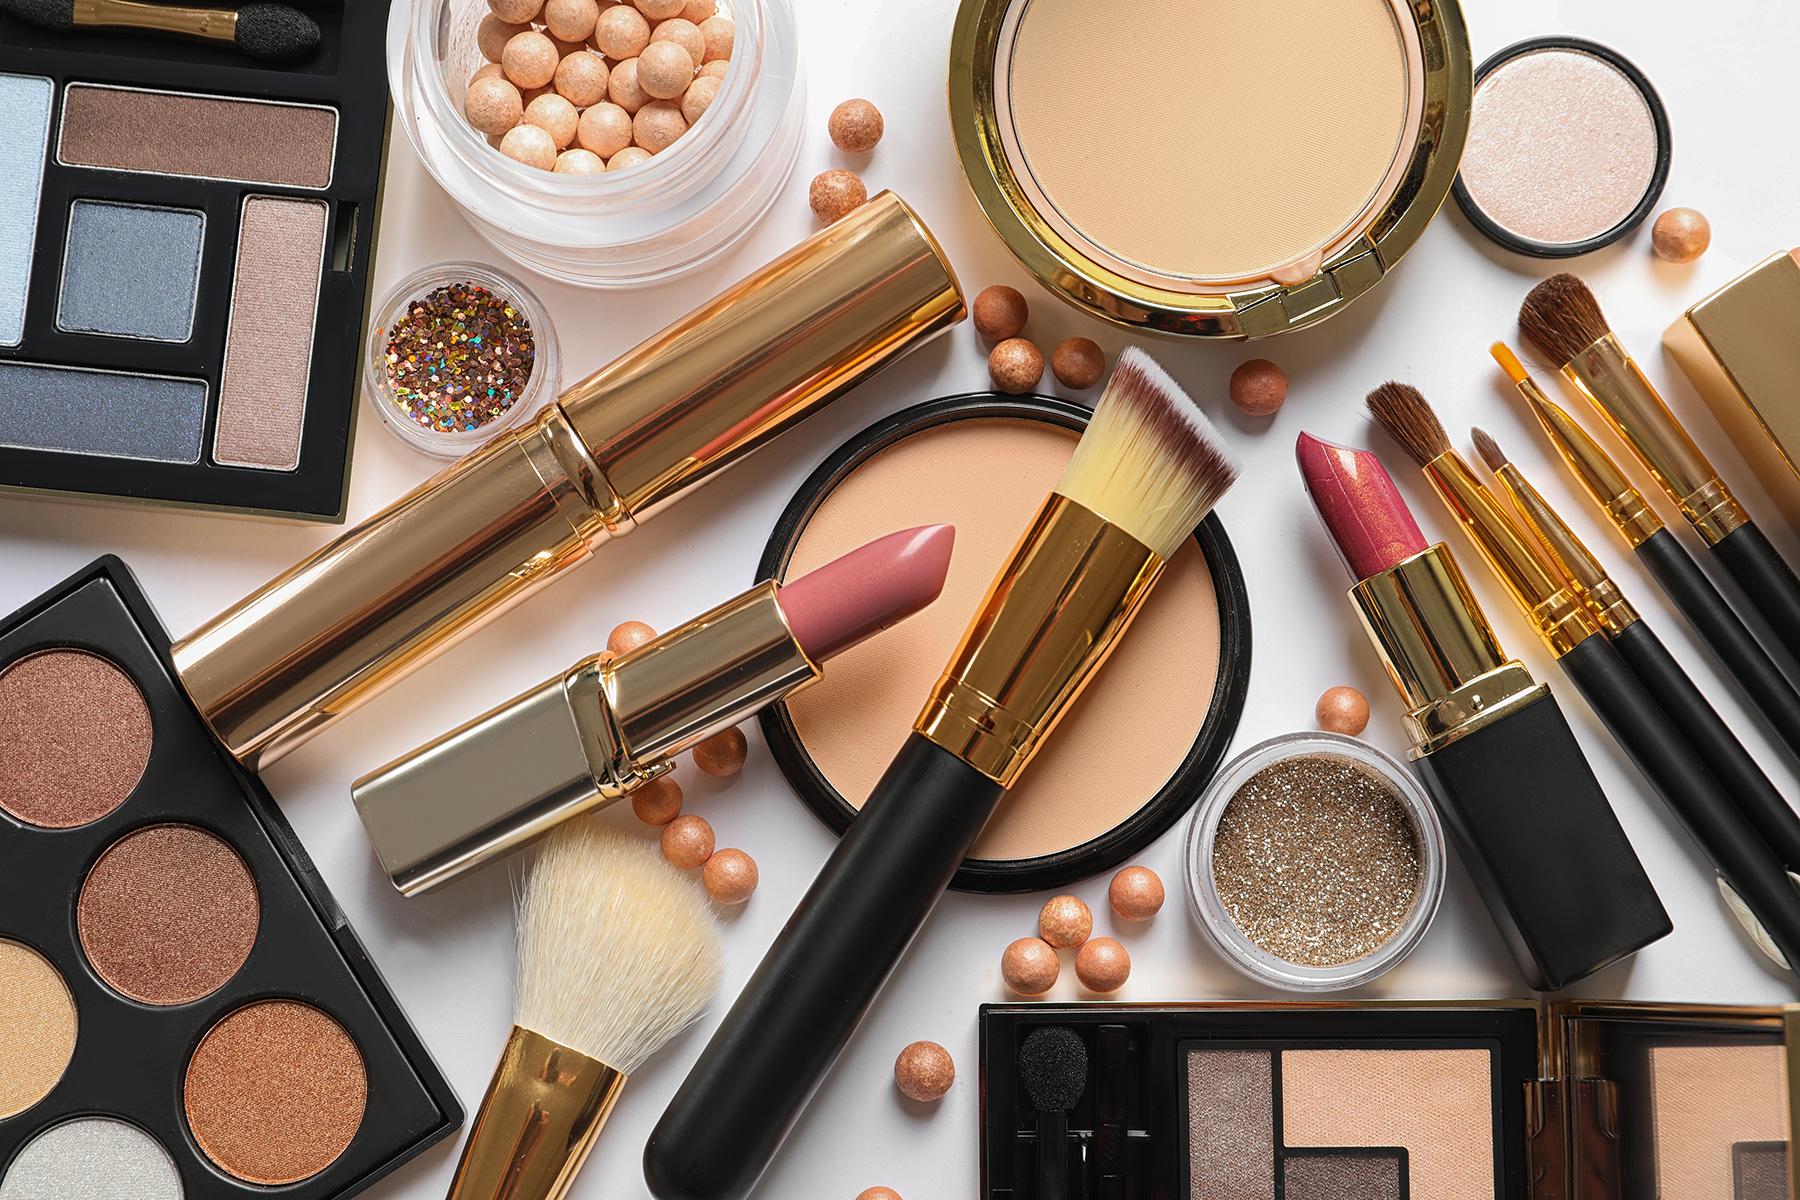 Vender productos de belleza y maquillaje